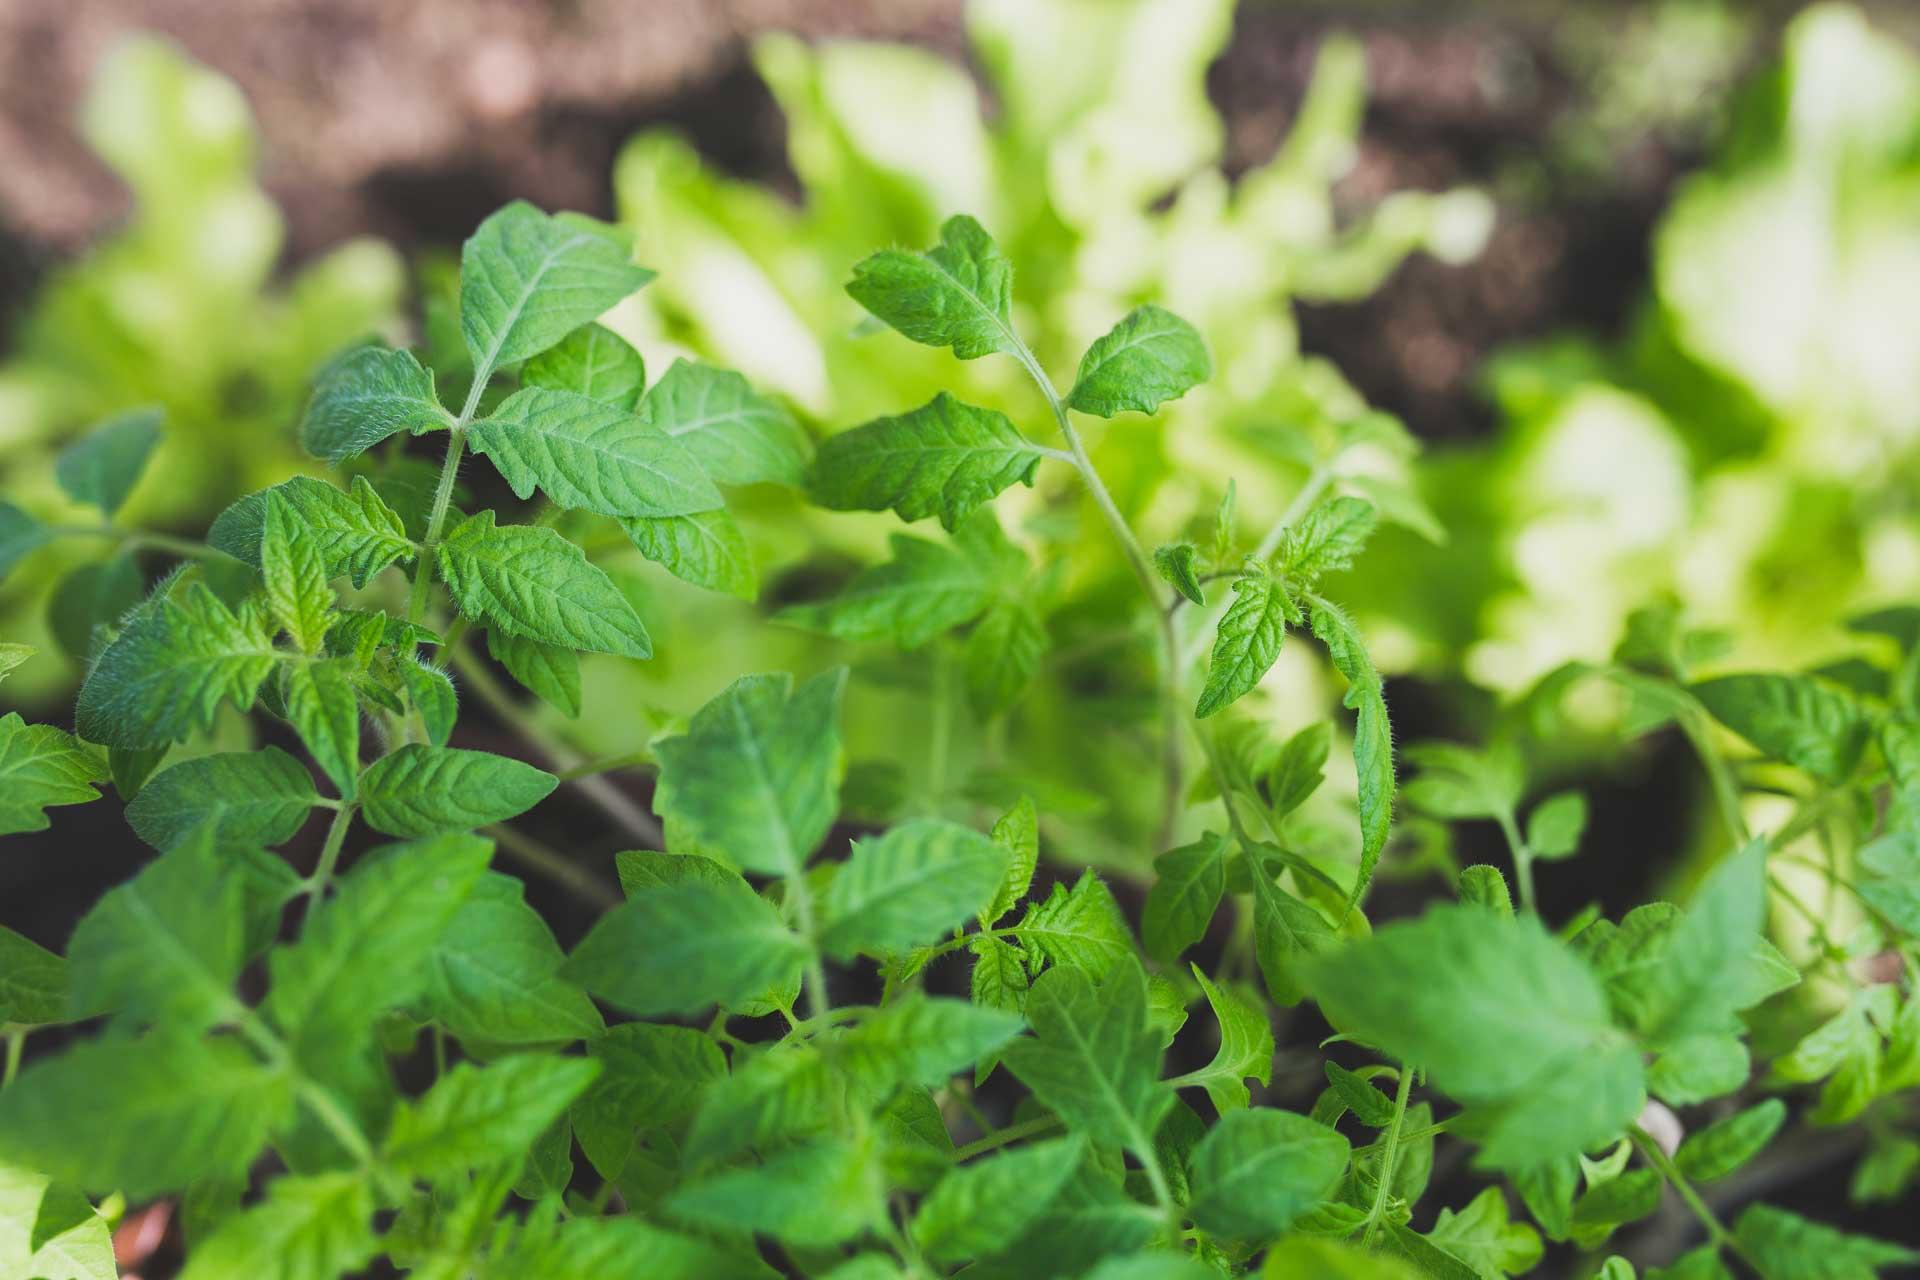 Τι λαχανικά να σπείρω και να φυτέψω τον Απρίλιο